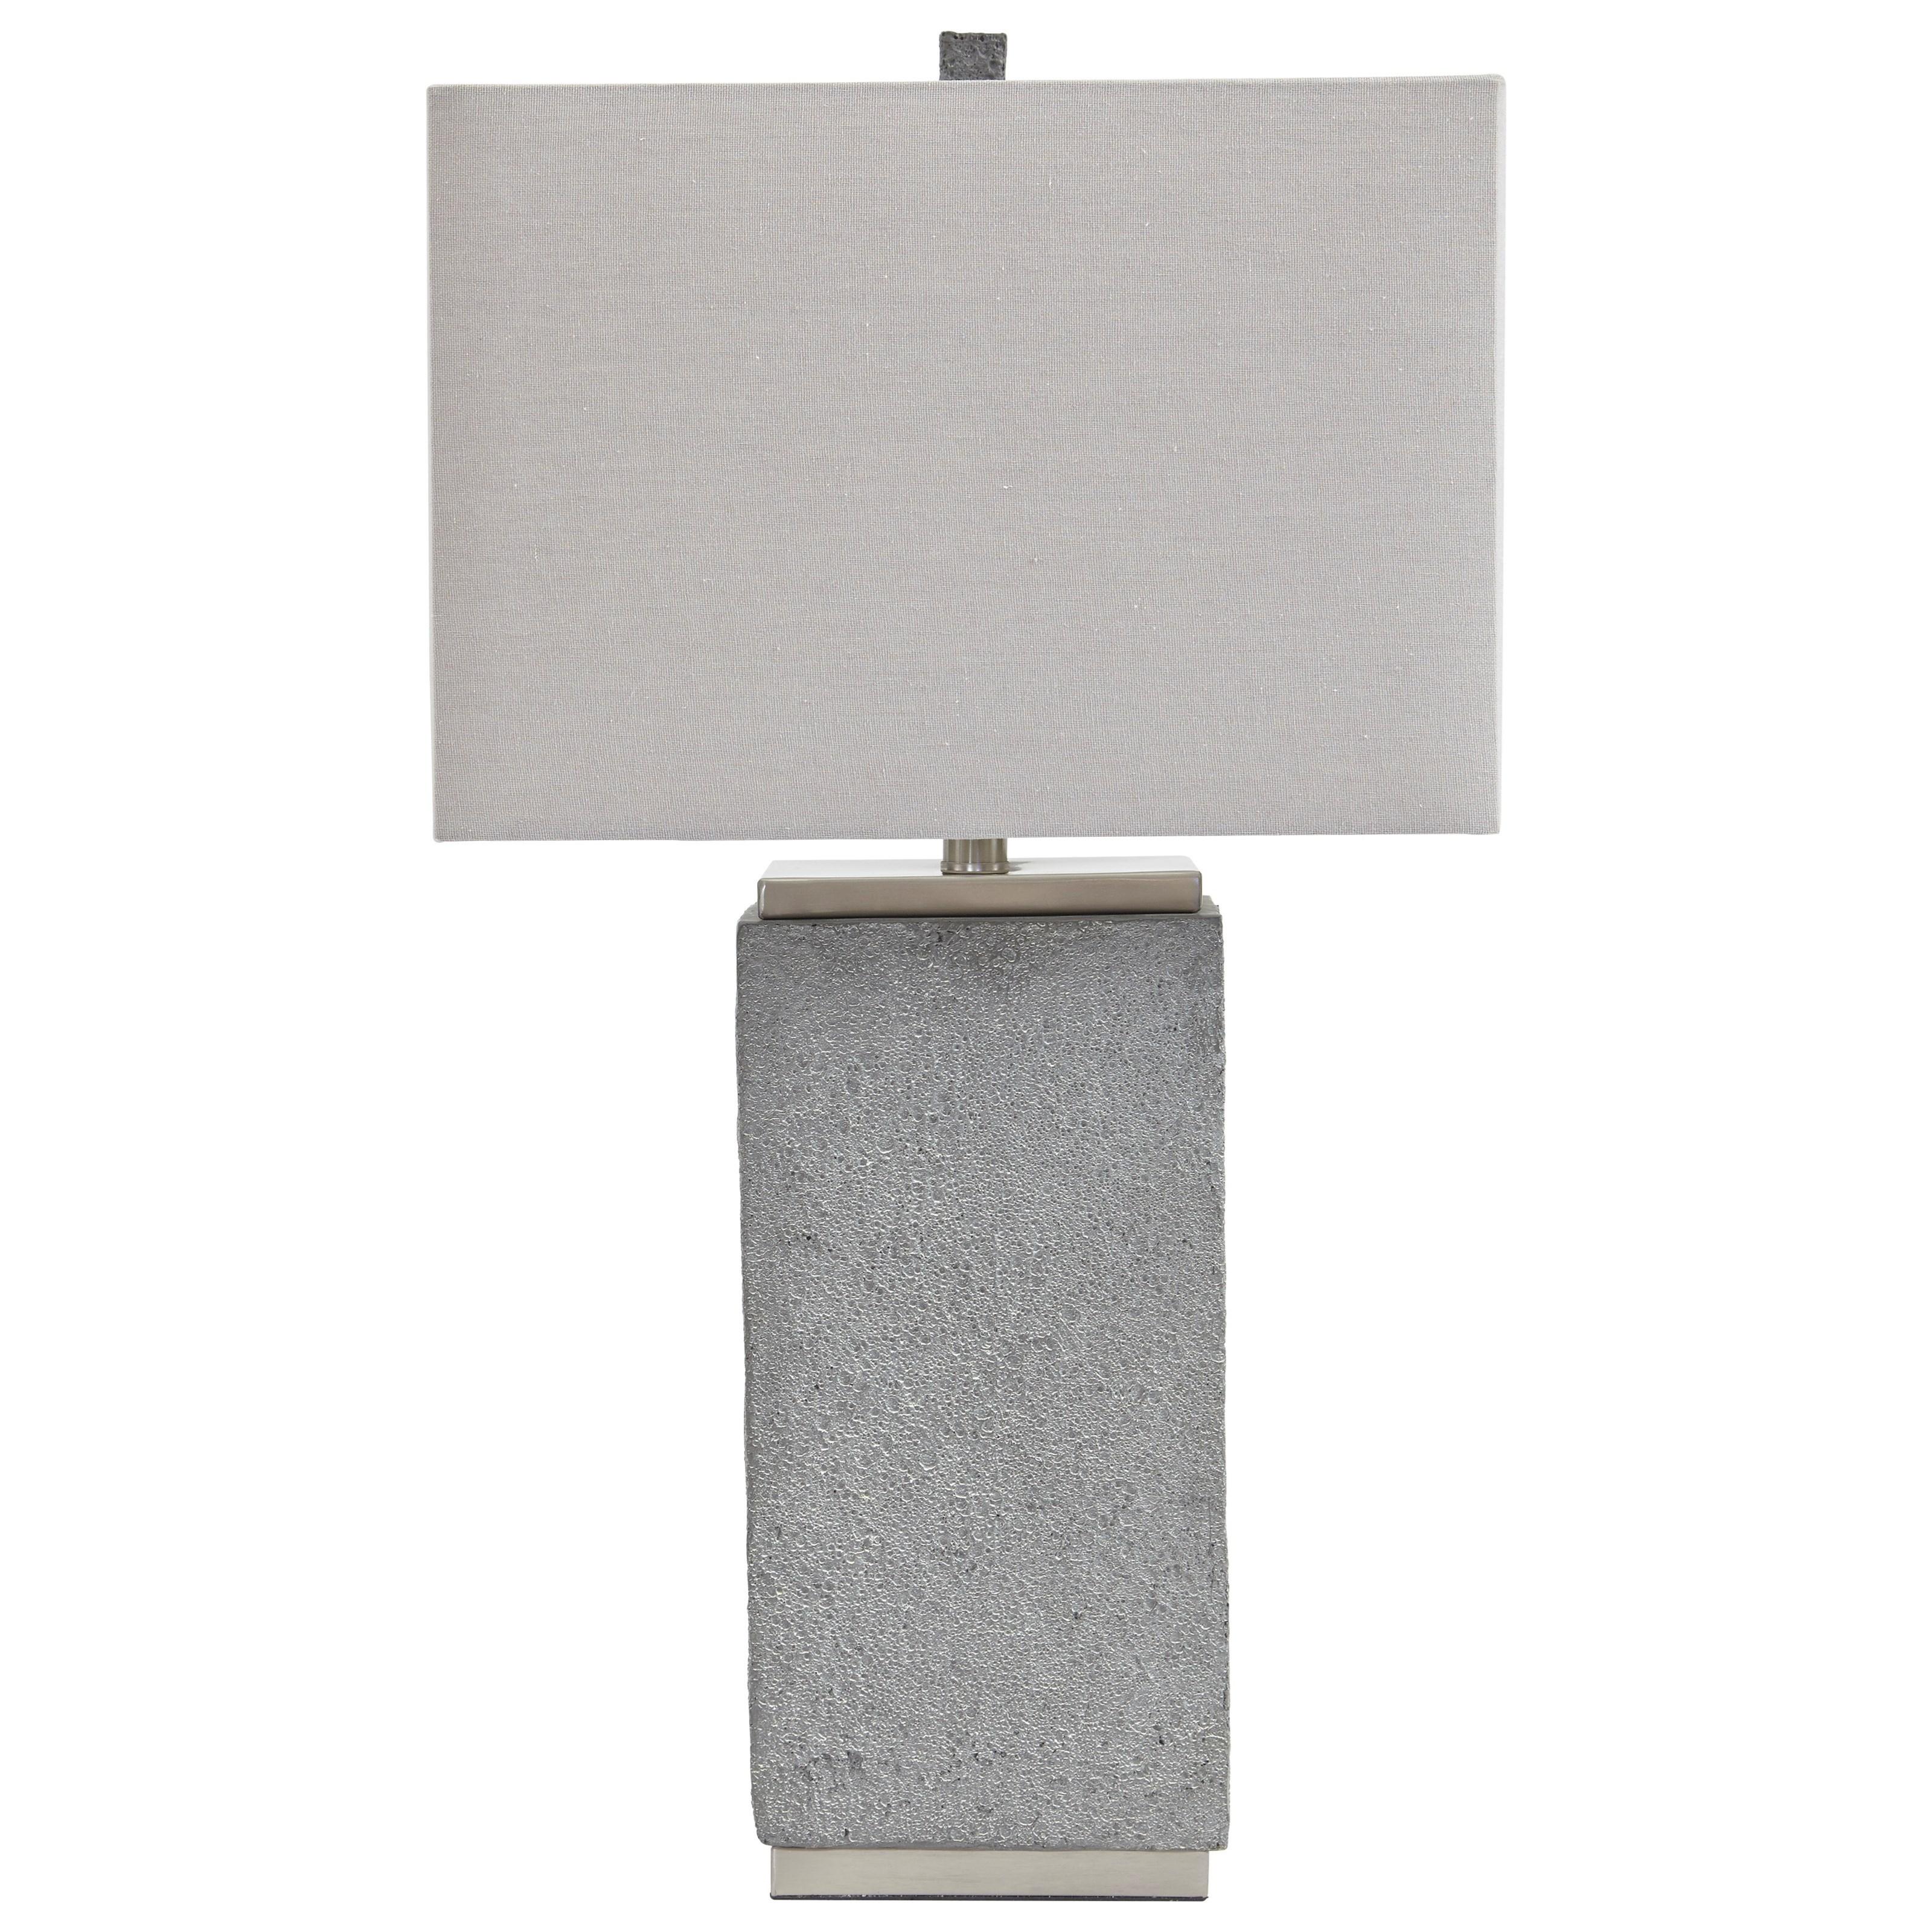 Set of 2 Amergin Faux Concrete Table Lamps